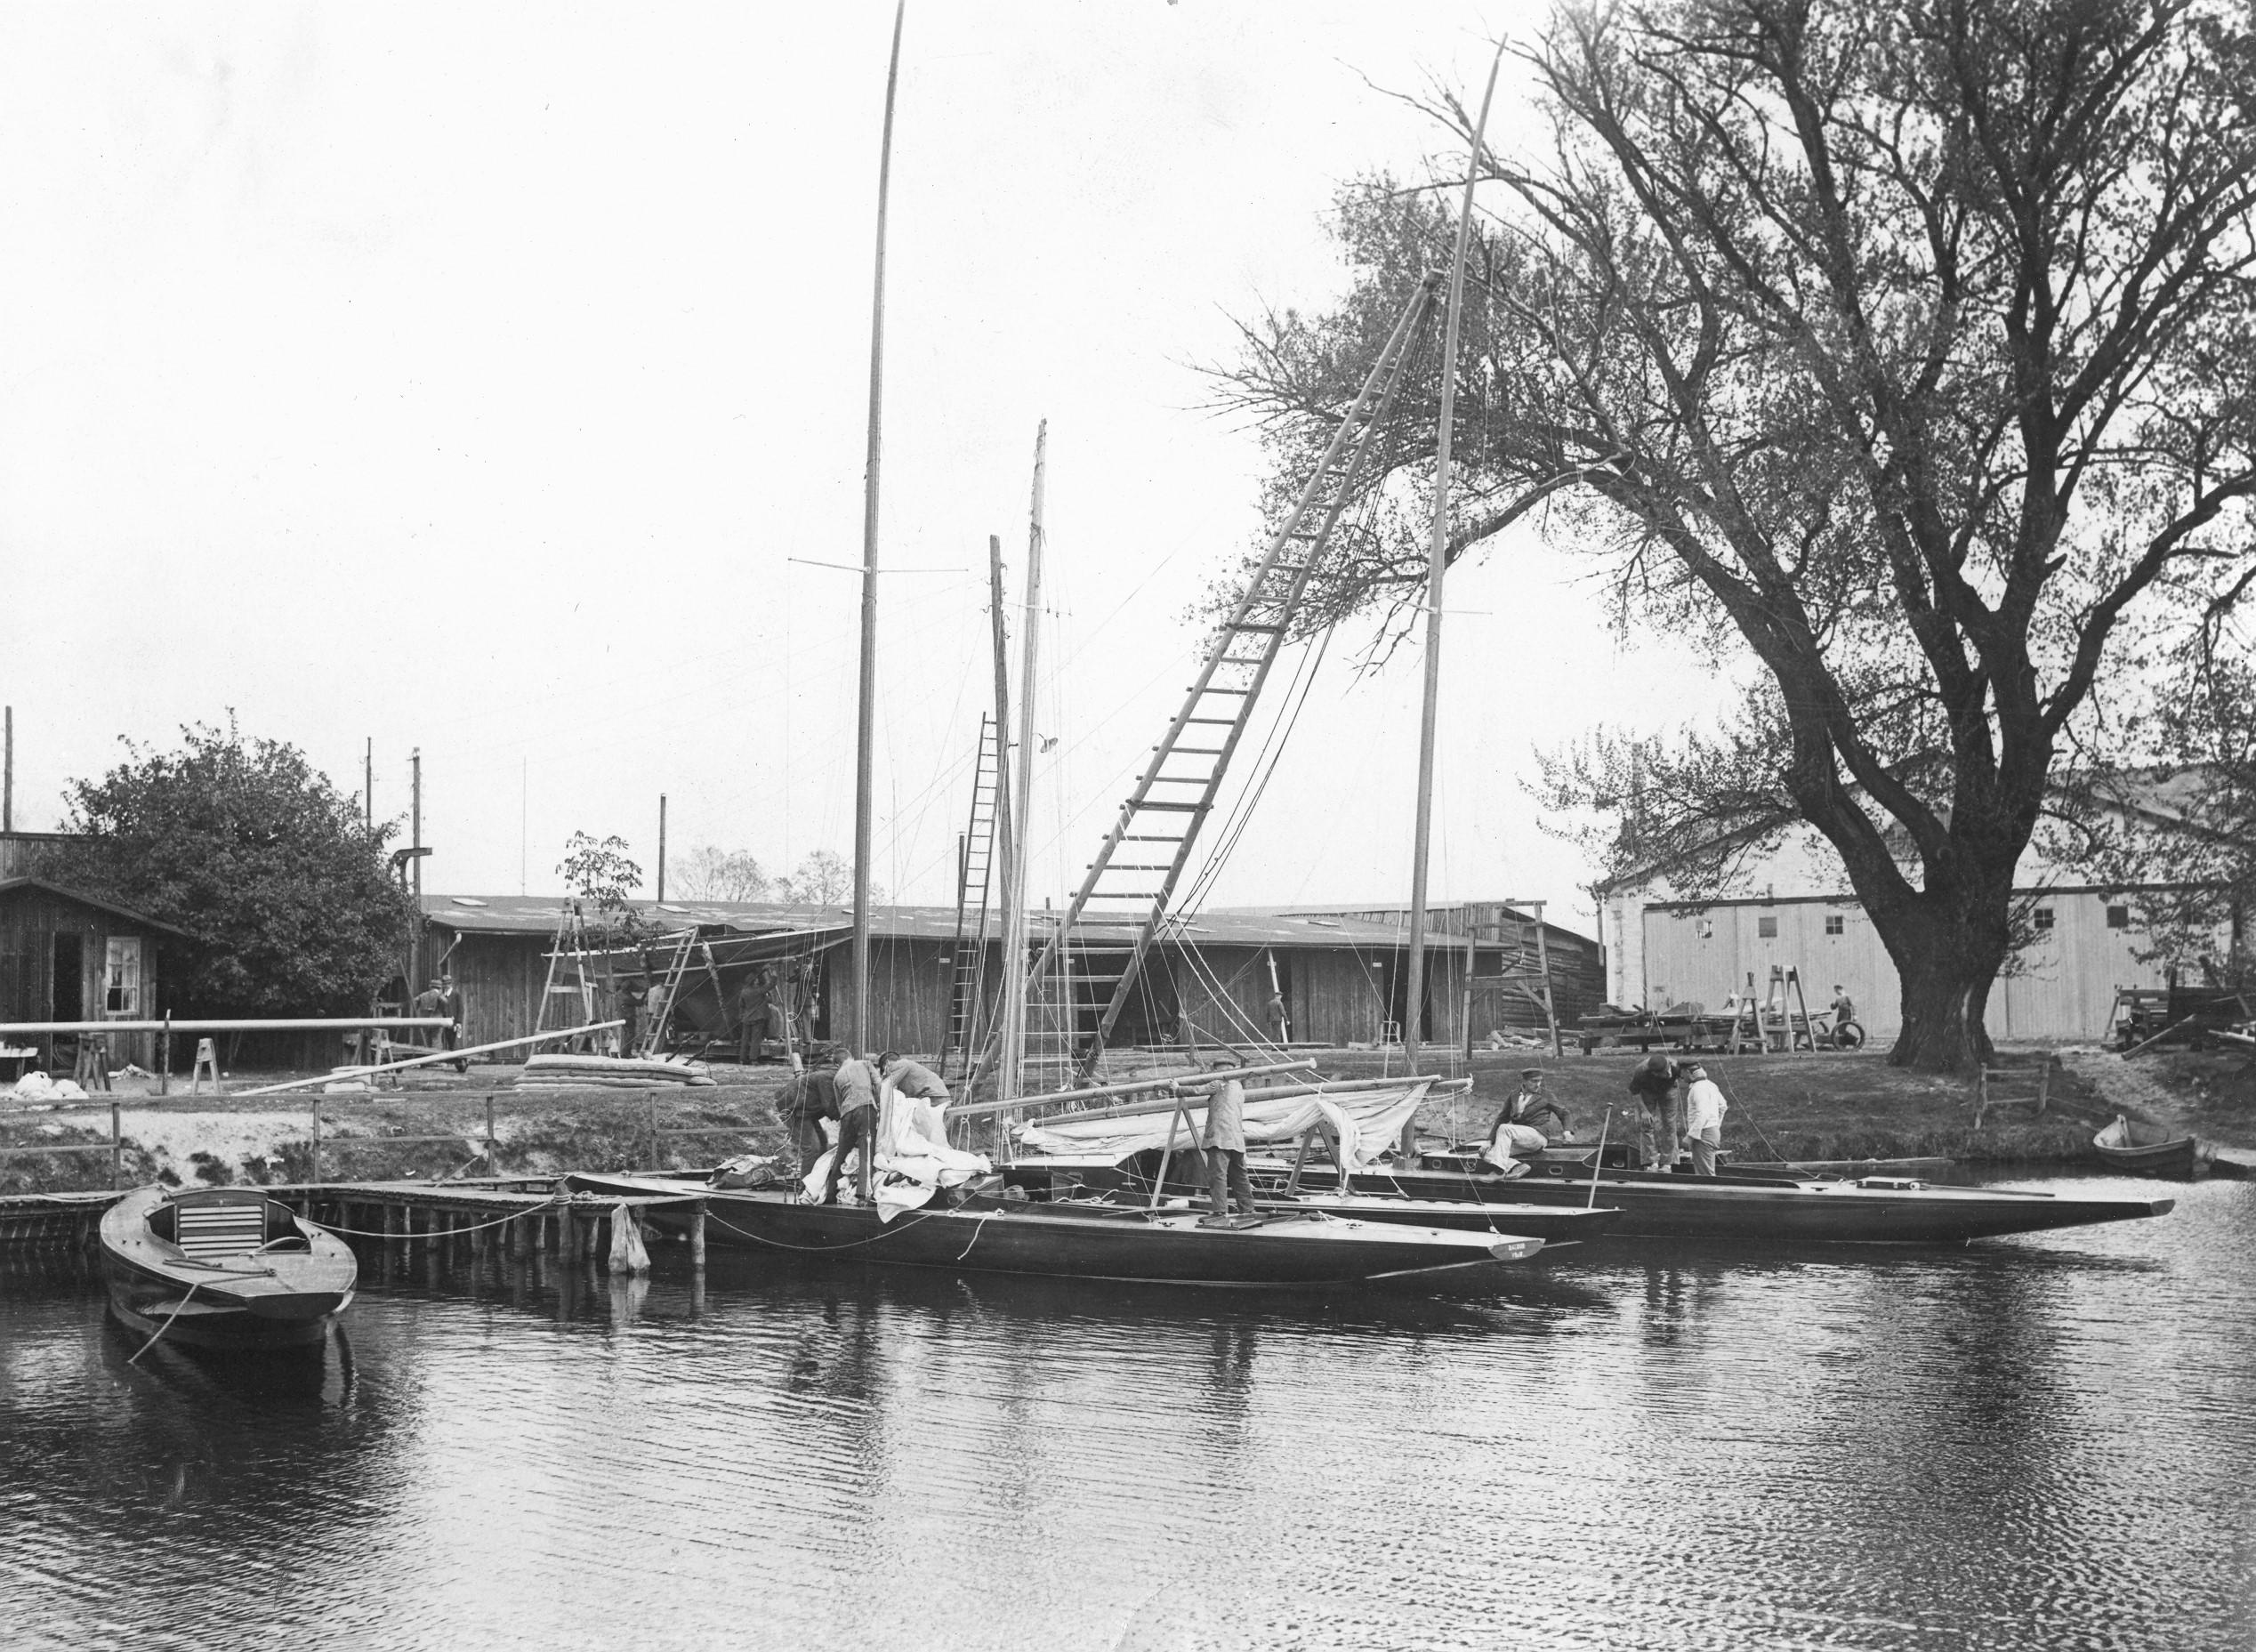 Pabst Werft i Köpenick i början 1920-talet under färdigställande av fyra skärgårdskryssare i sjön och en för sjösättning. ©Pekka Barck